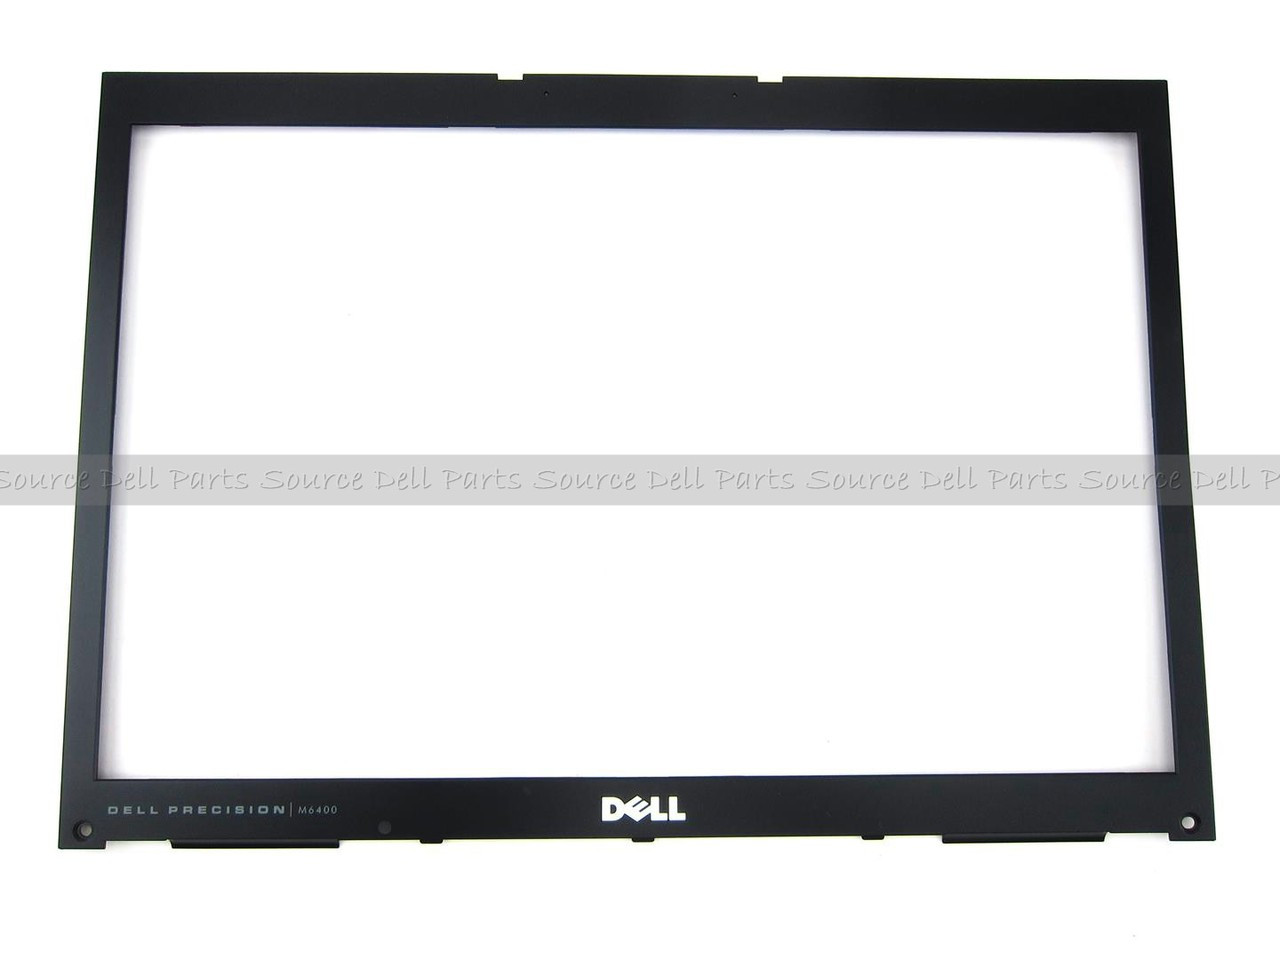 """Dell Precision M6400 17"""" LCD Front Trim Cover Bezel Plastic - NO Camera Window - G749F"""